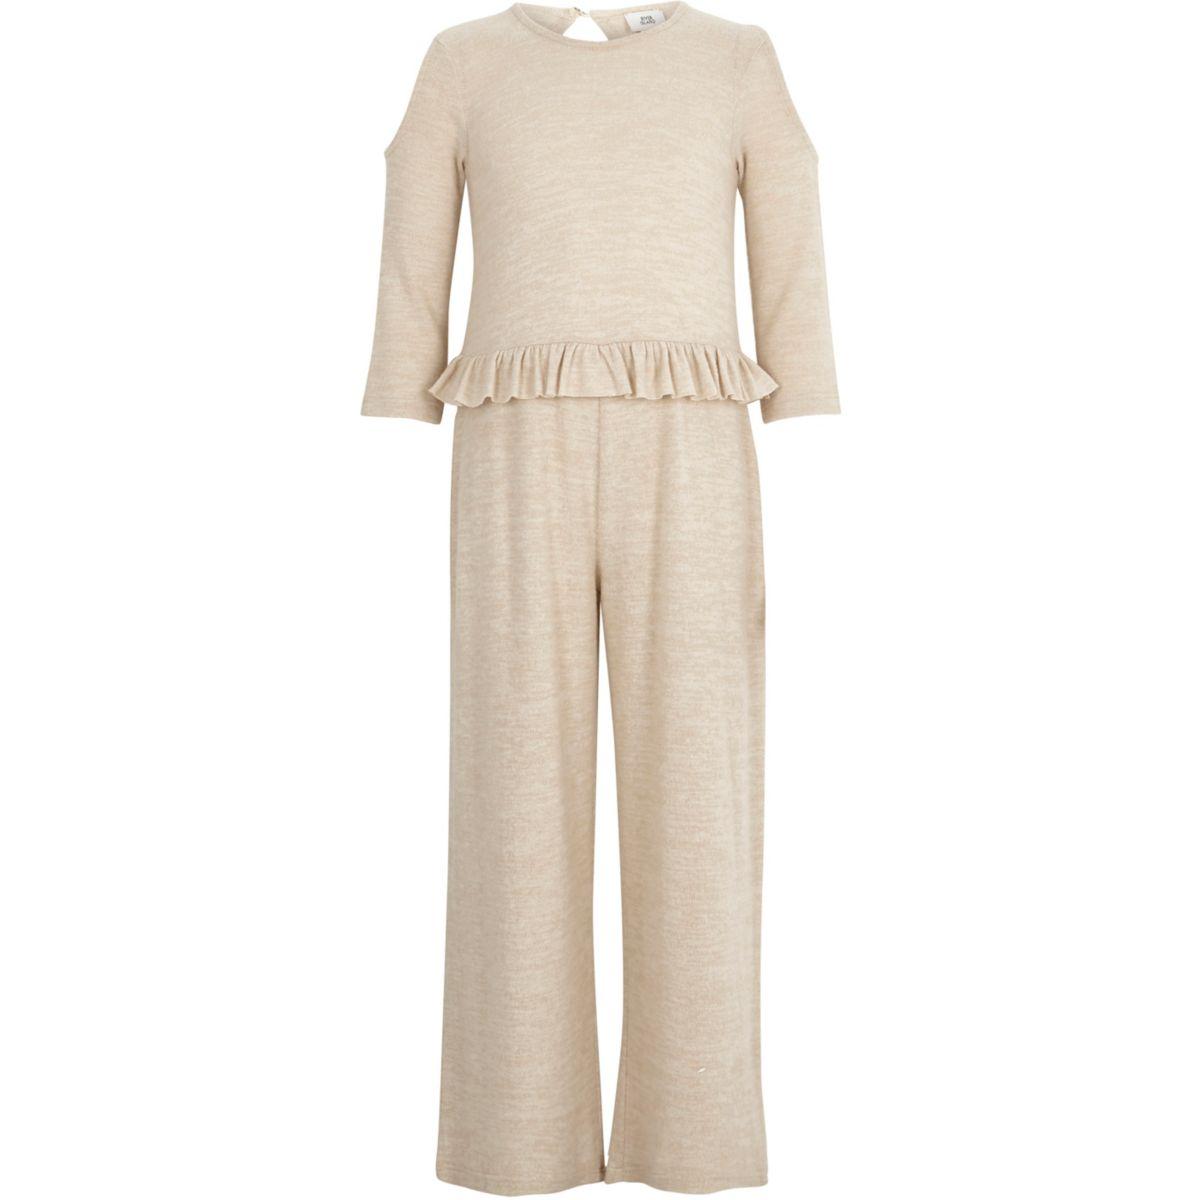 Girls beige cold shoulder frill jumpsuit